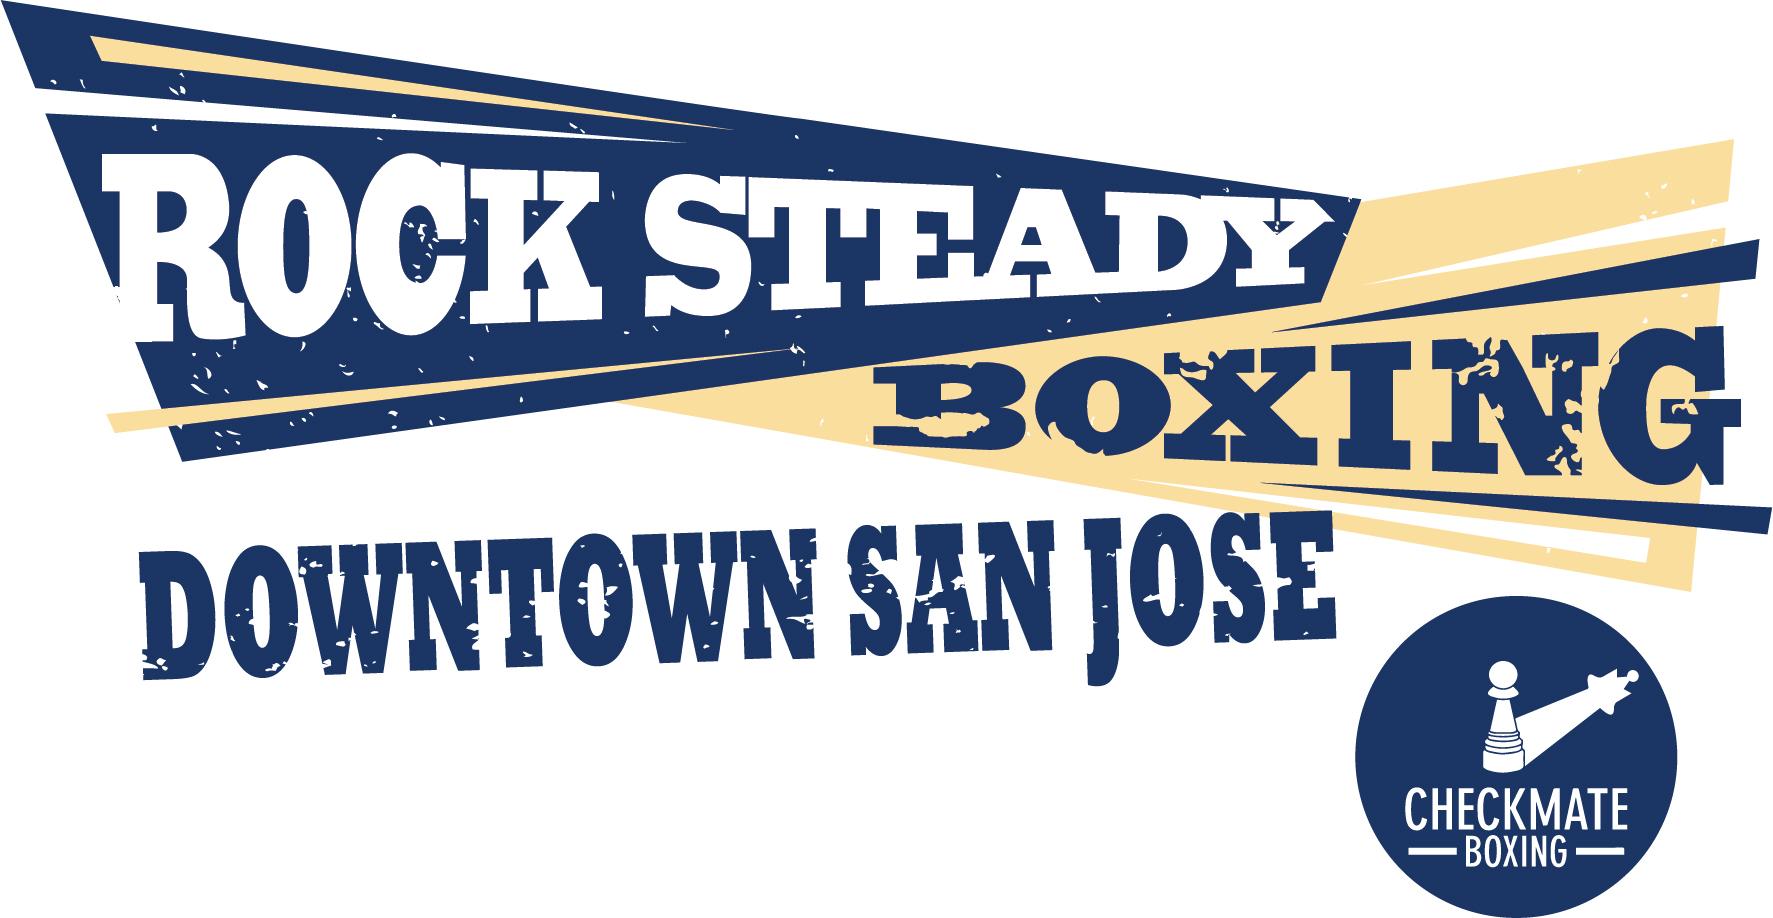 Rock Steady Boxing San Jose